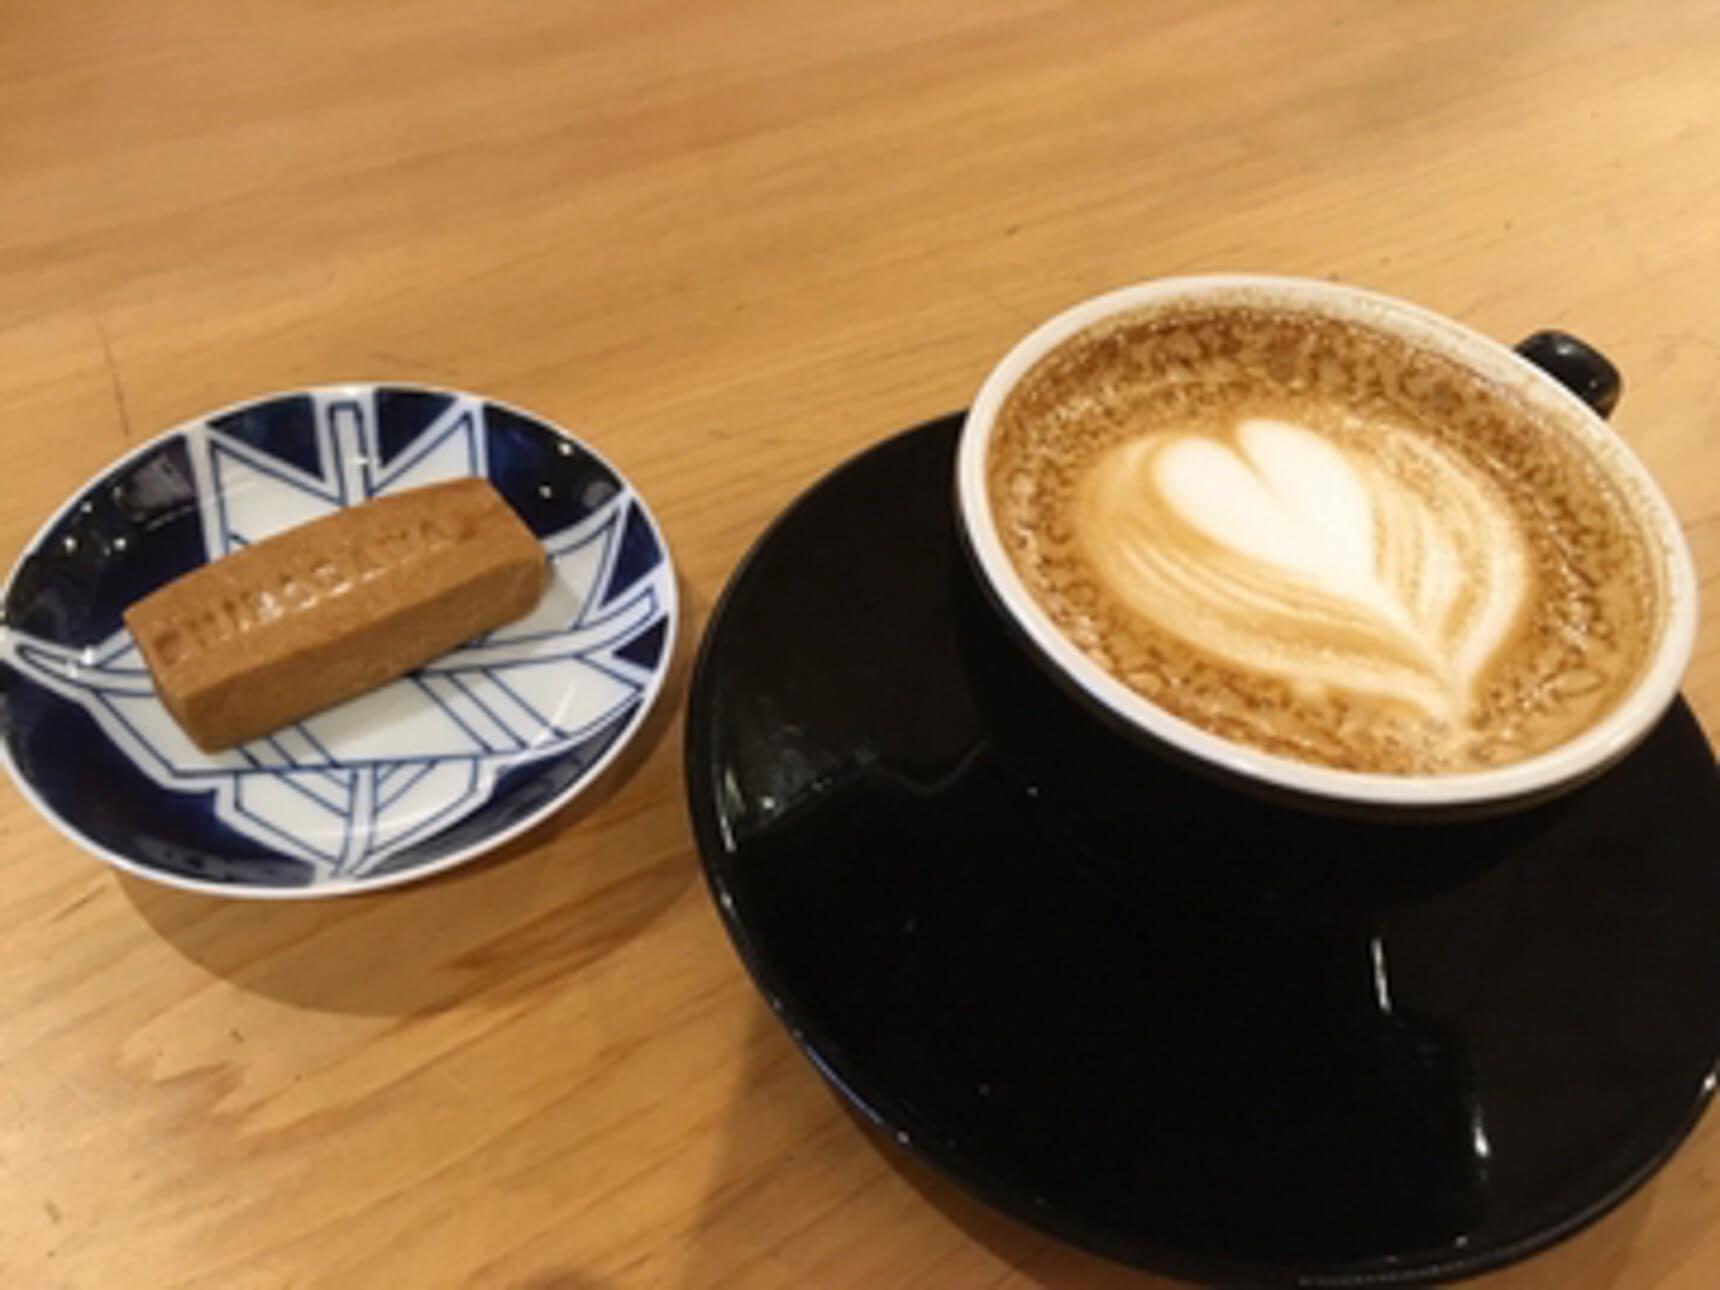 全国各地のロースターから仕入れたこだわりの豆が楽しめるのもポイント。コーヒーと一緒に、「SHINAGAWA」と刻印されたお菓子もいただきました。